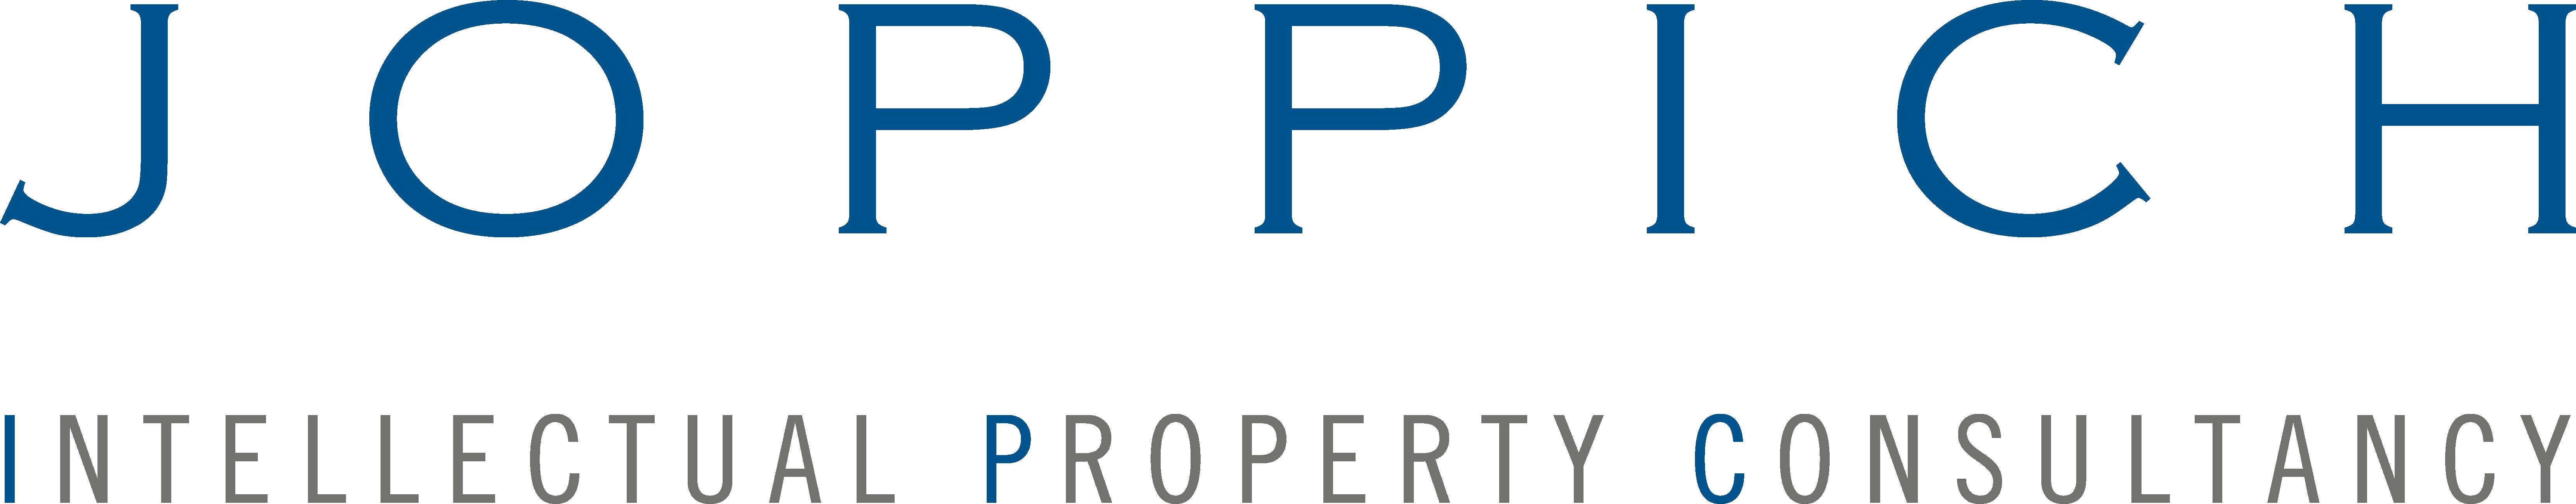 JOPPICH-IPC